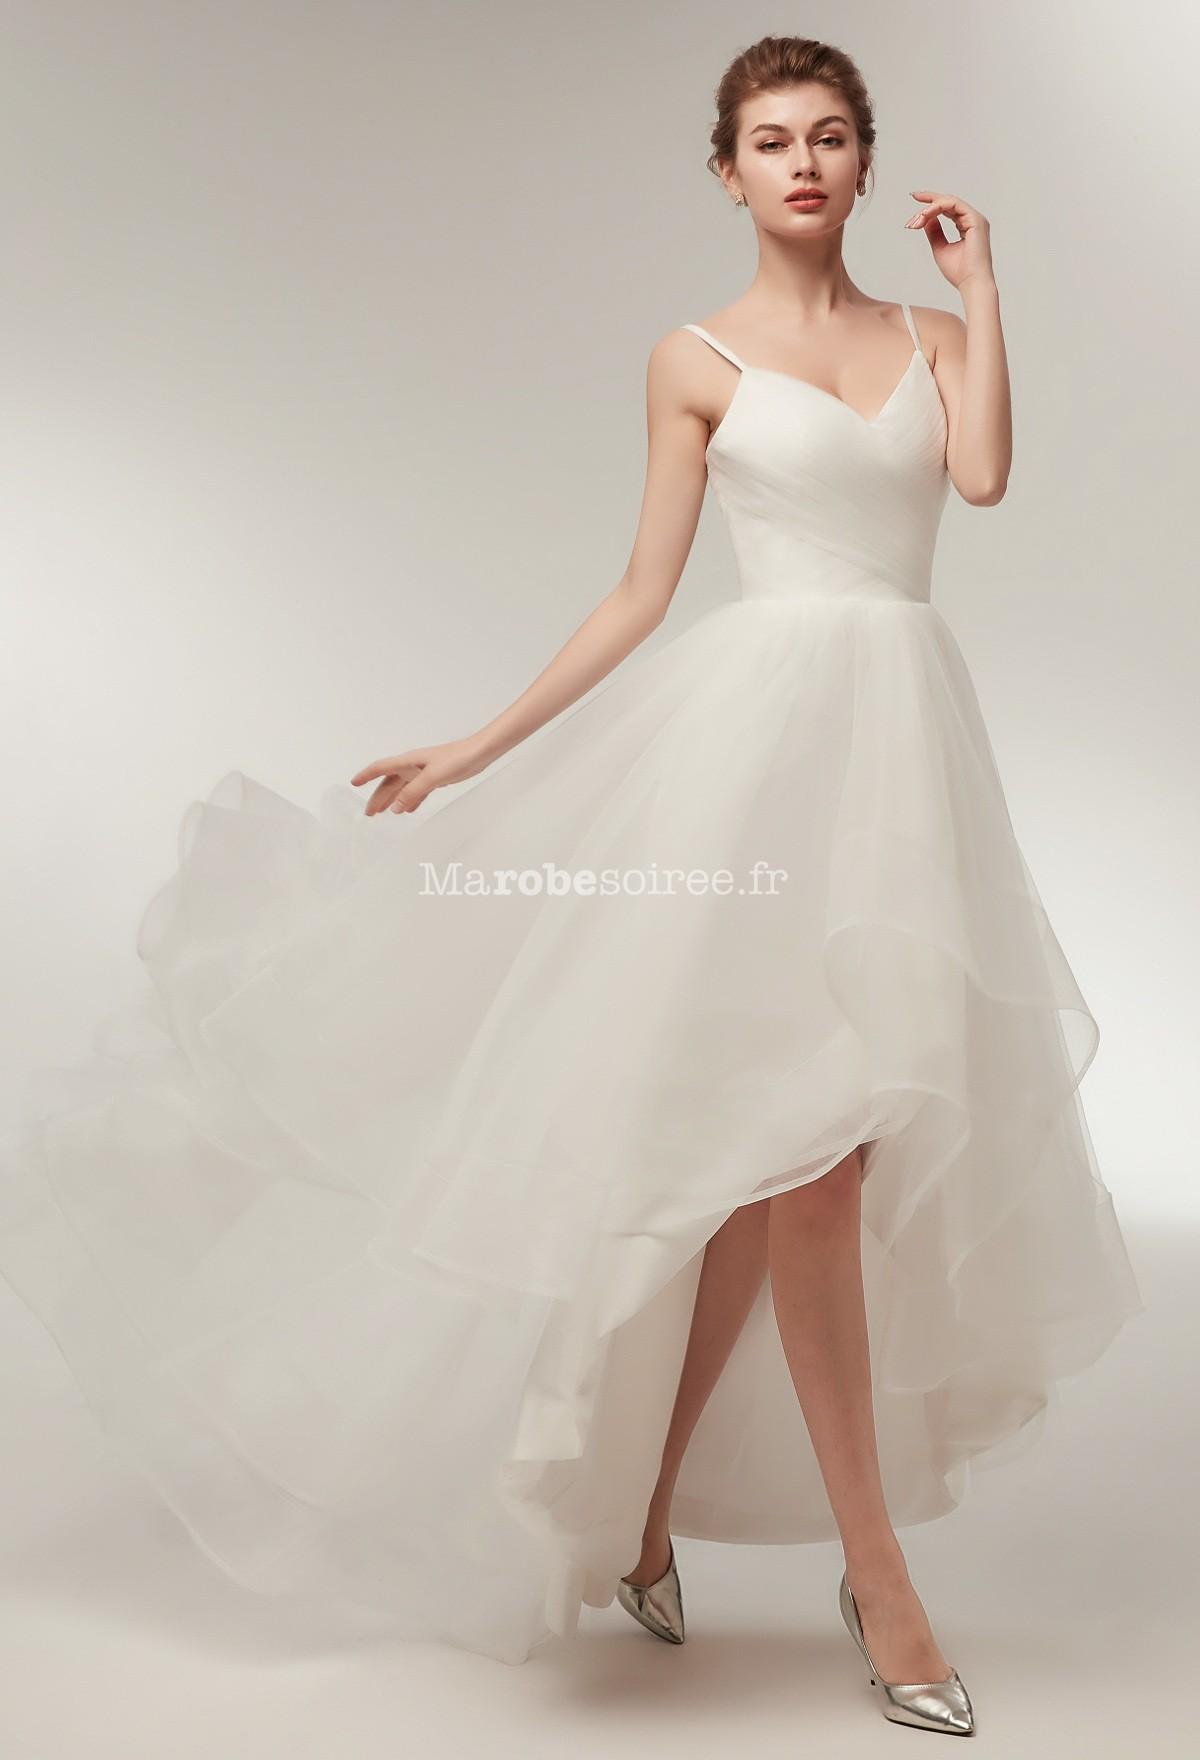 Robe de mariée bretelles fines asymétrique